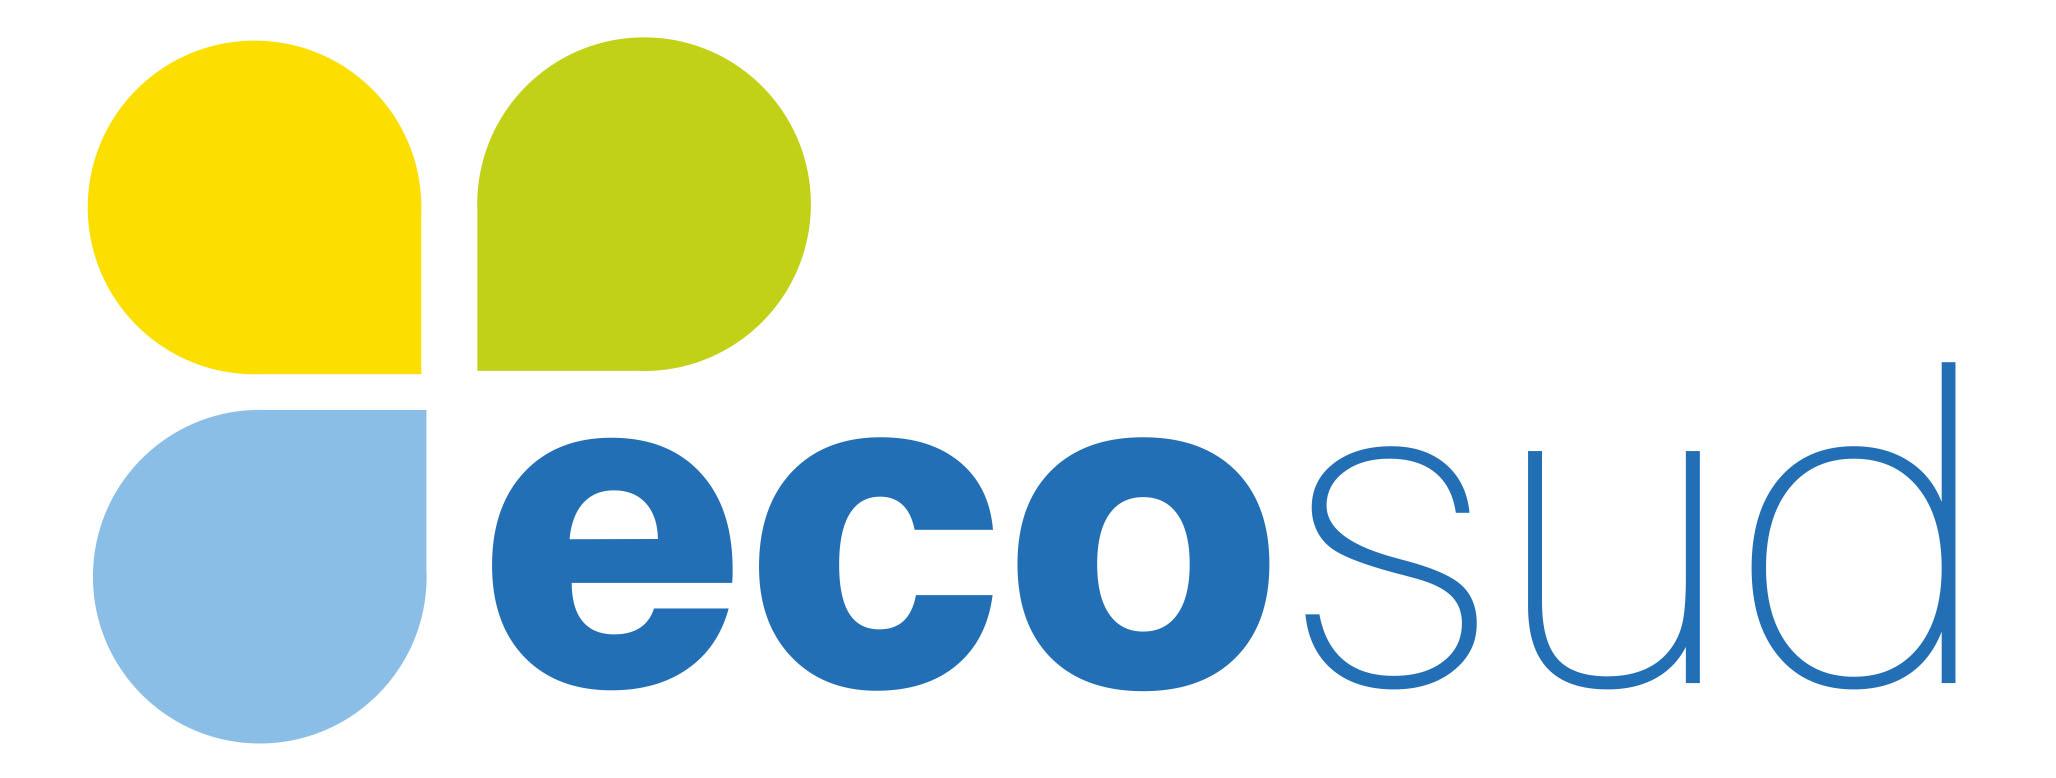 logo_ecosud-2056-x-778-2